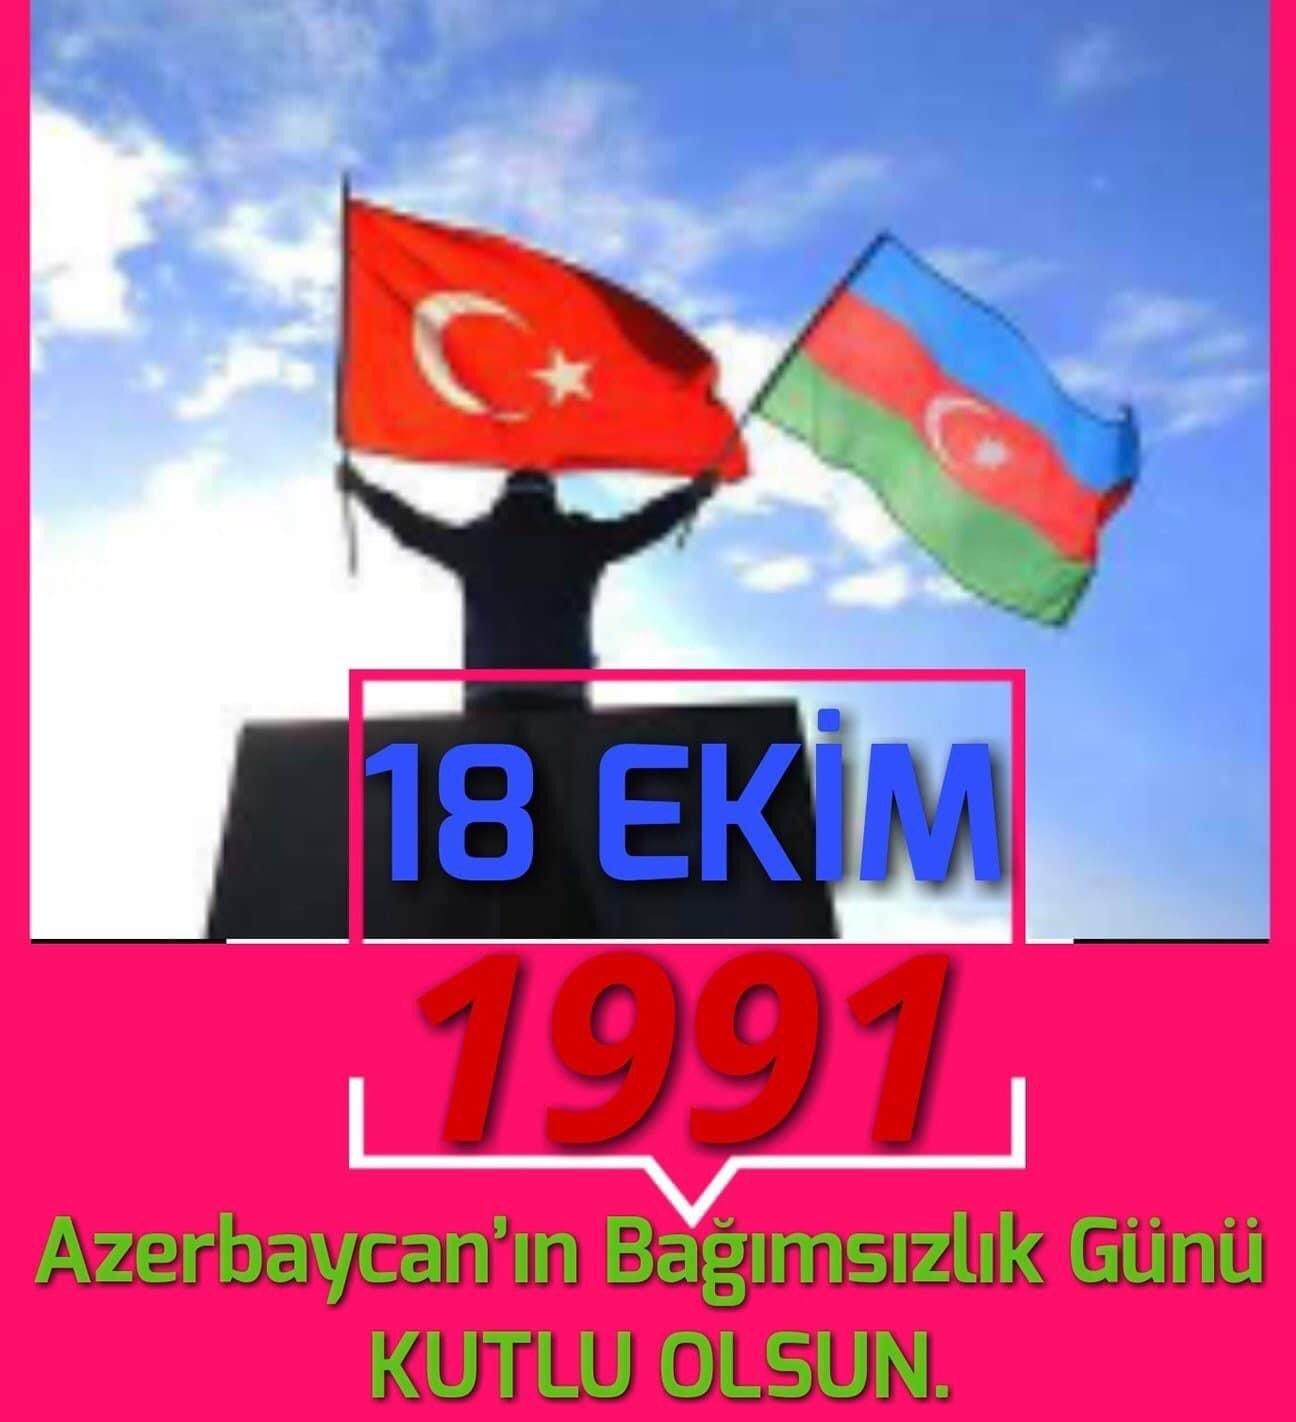 Azerbaycan Bağımsızlık Günü Kutlu Olsun.